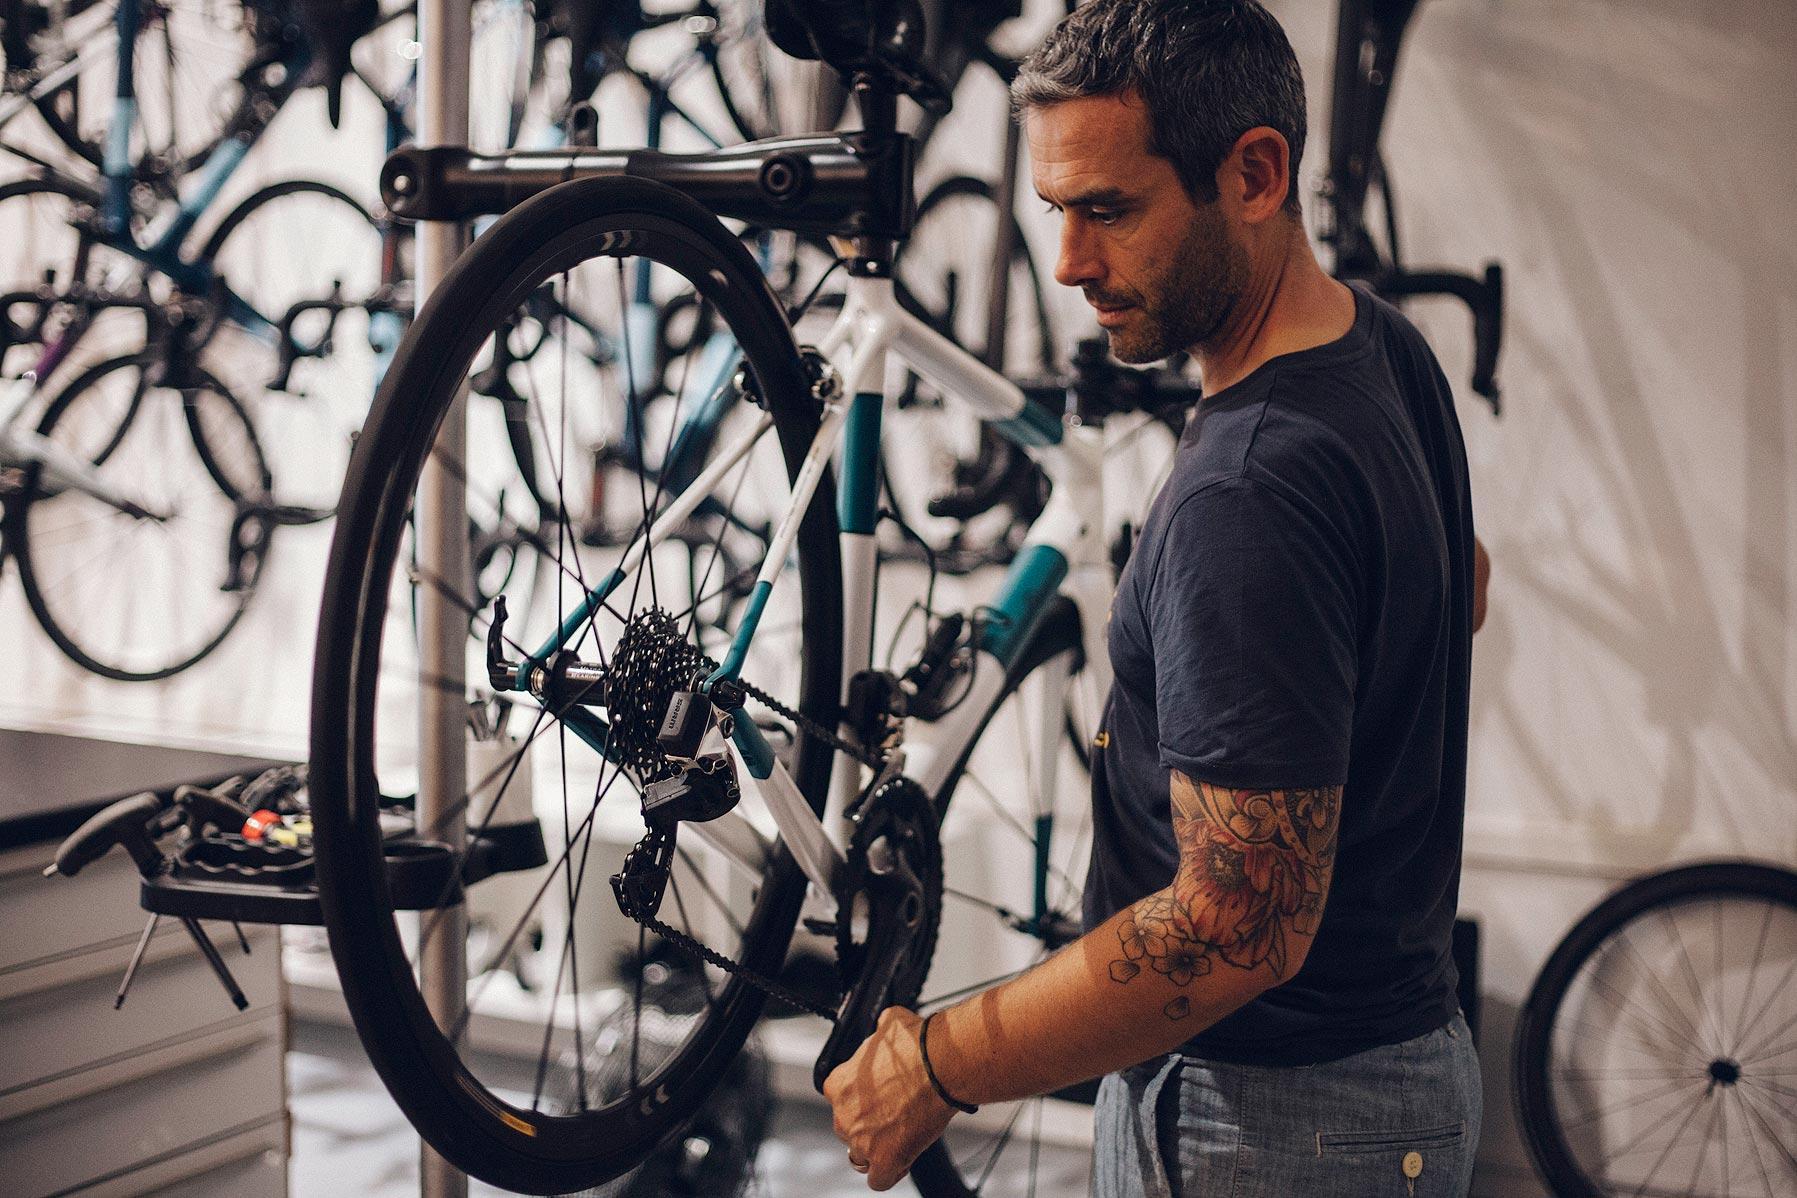 William-Café-du-Cycliste-mechanic